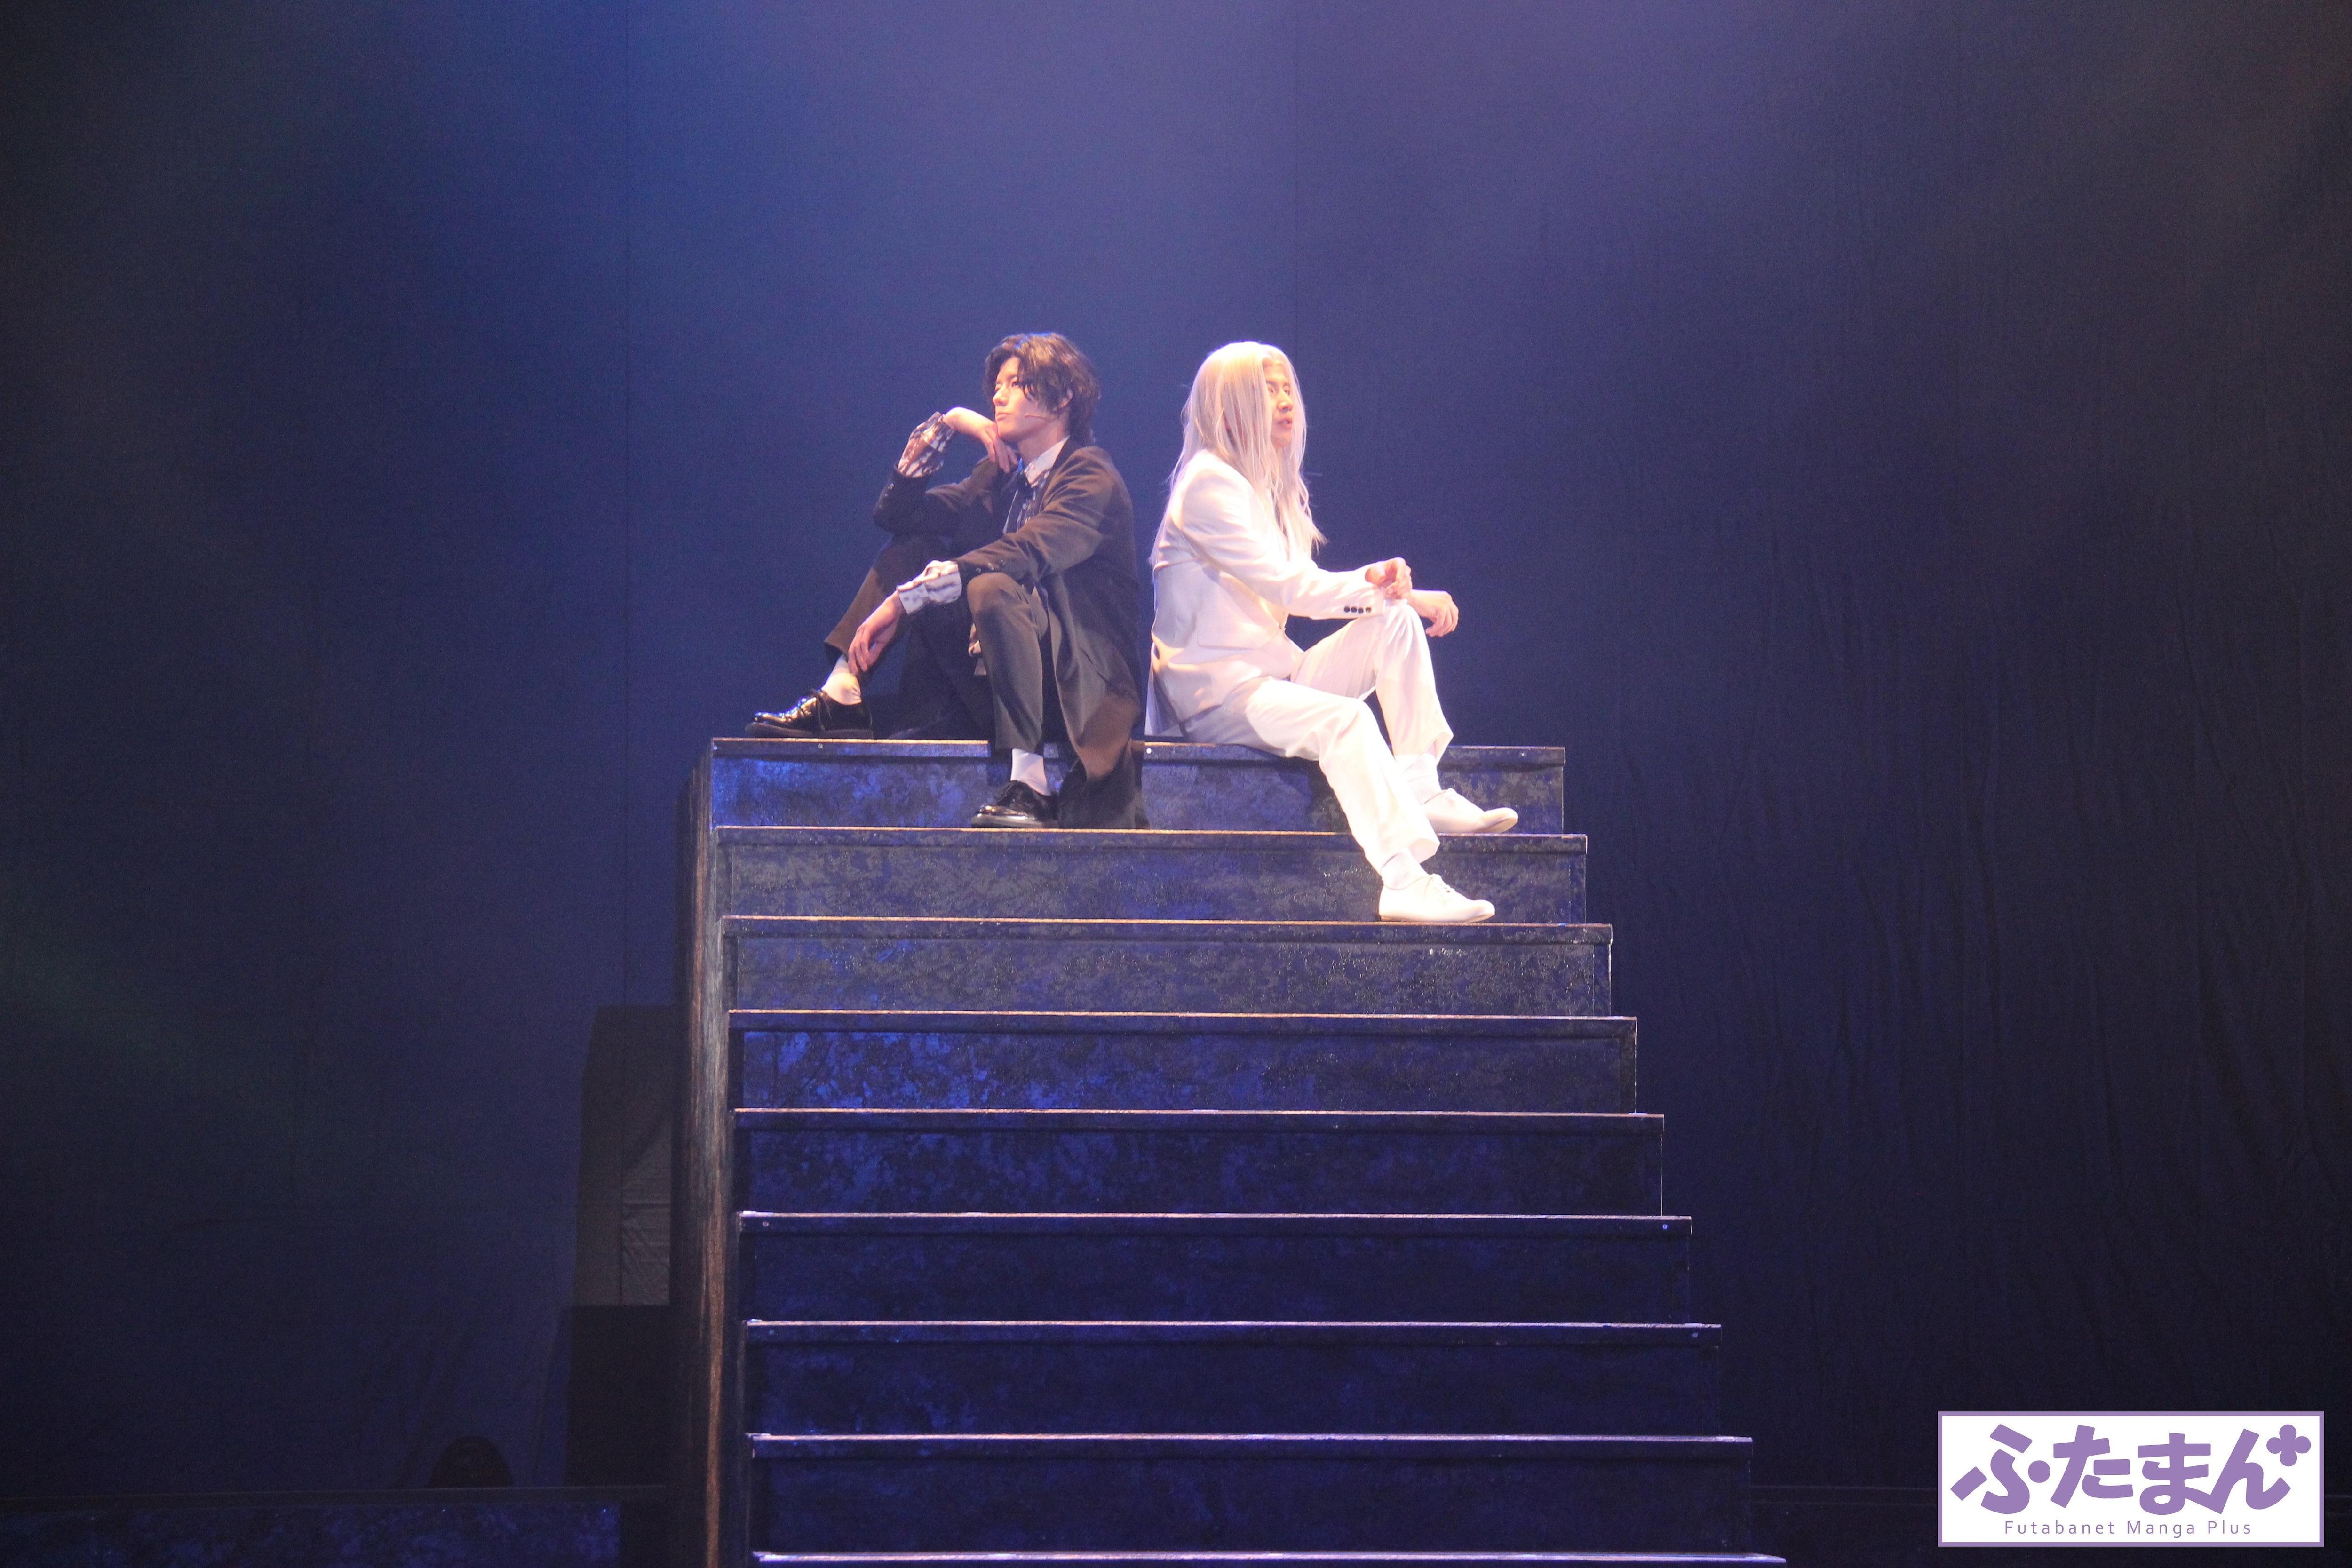 音楽劇『黒と白-purgatorium-』開幕! 岩永徹也「今までの舞台と違った視点」とアピールの画像006